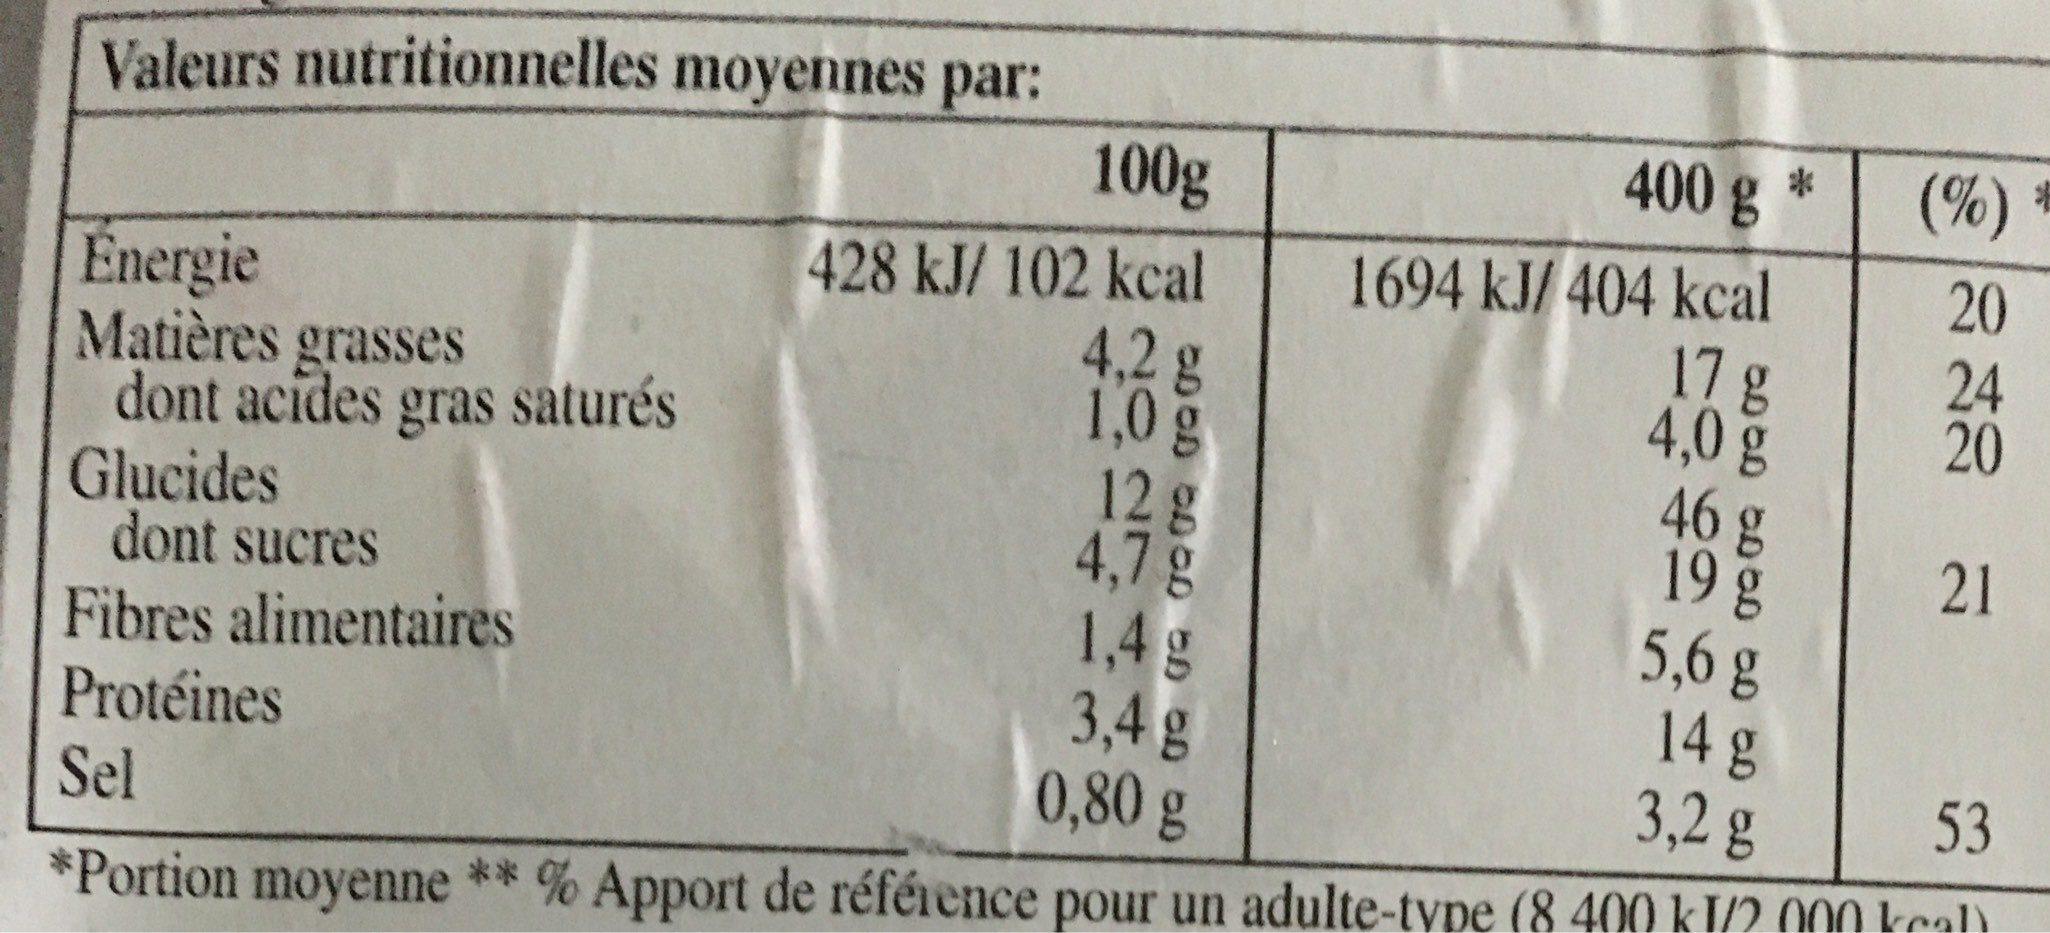 Lasagne aux légumes - Informations nutritionnelles